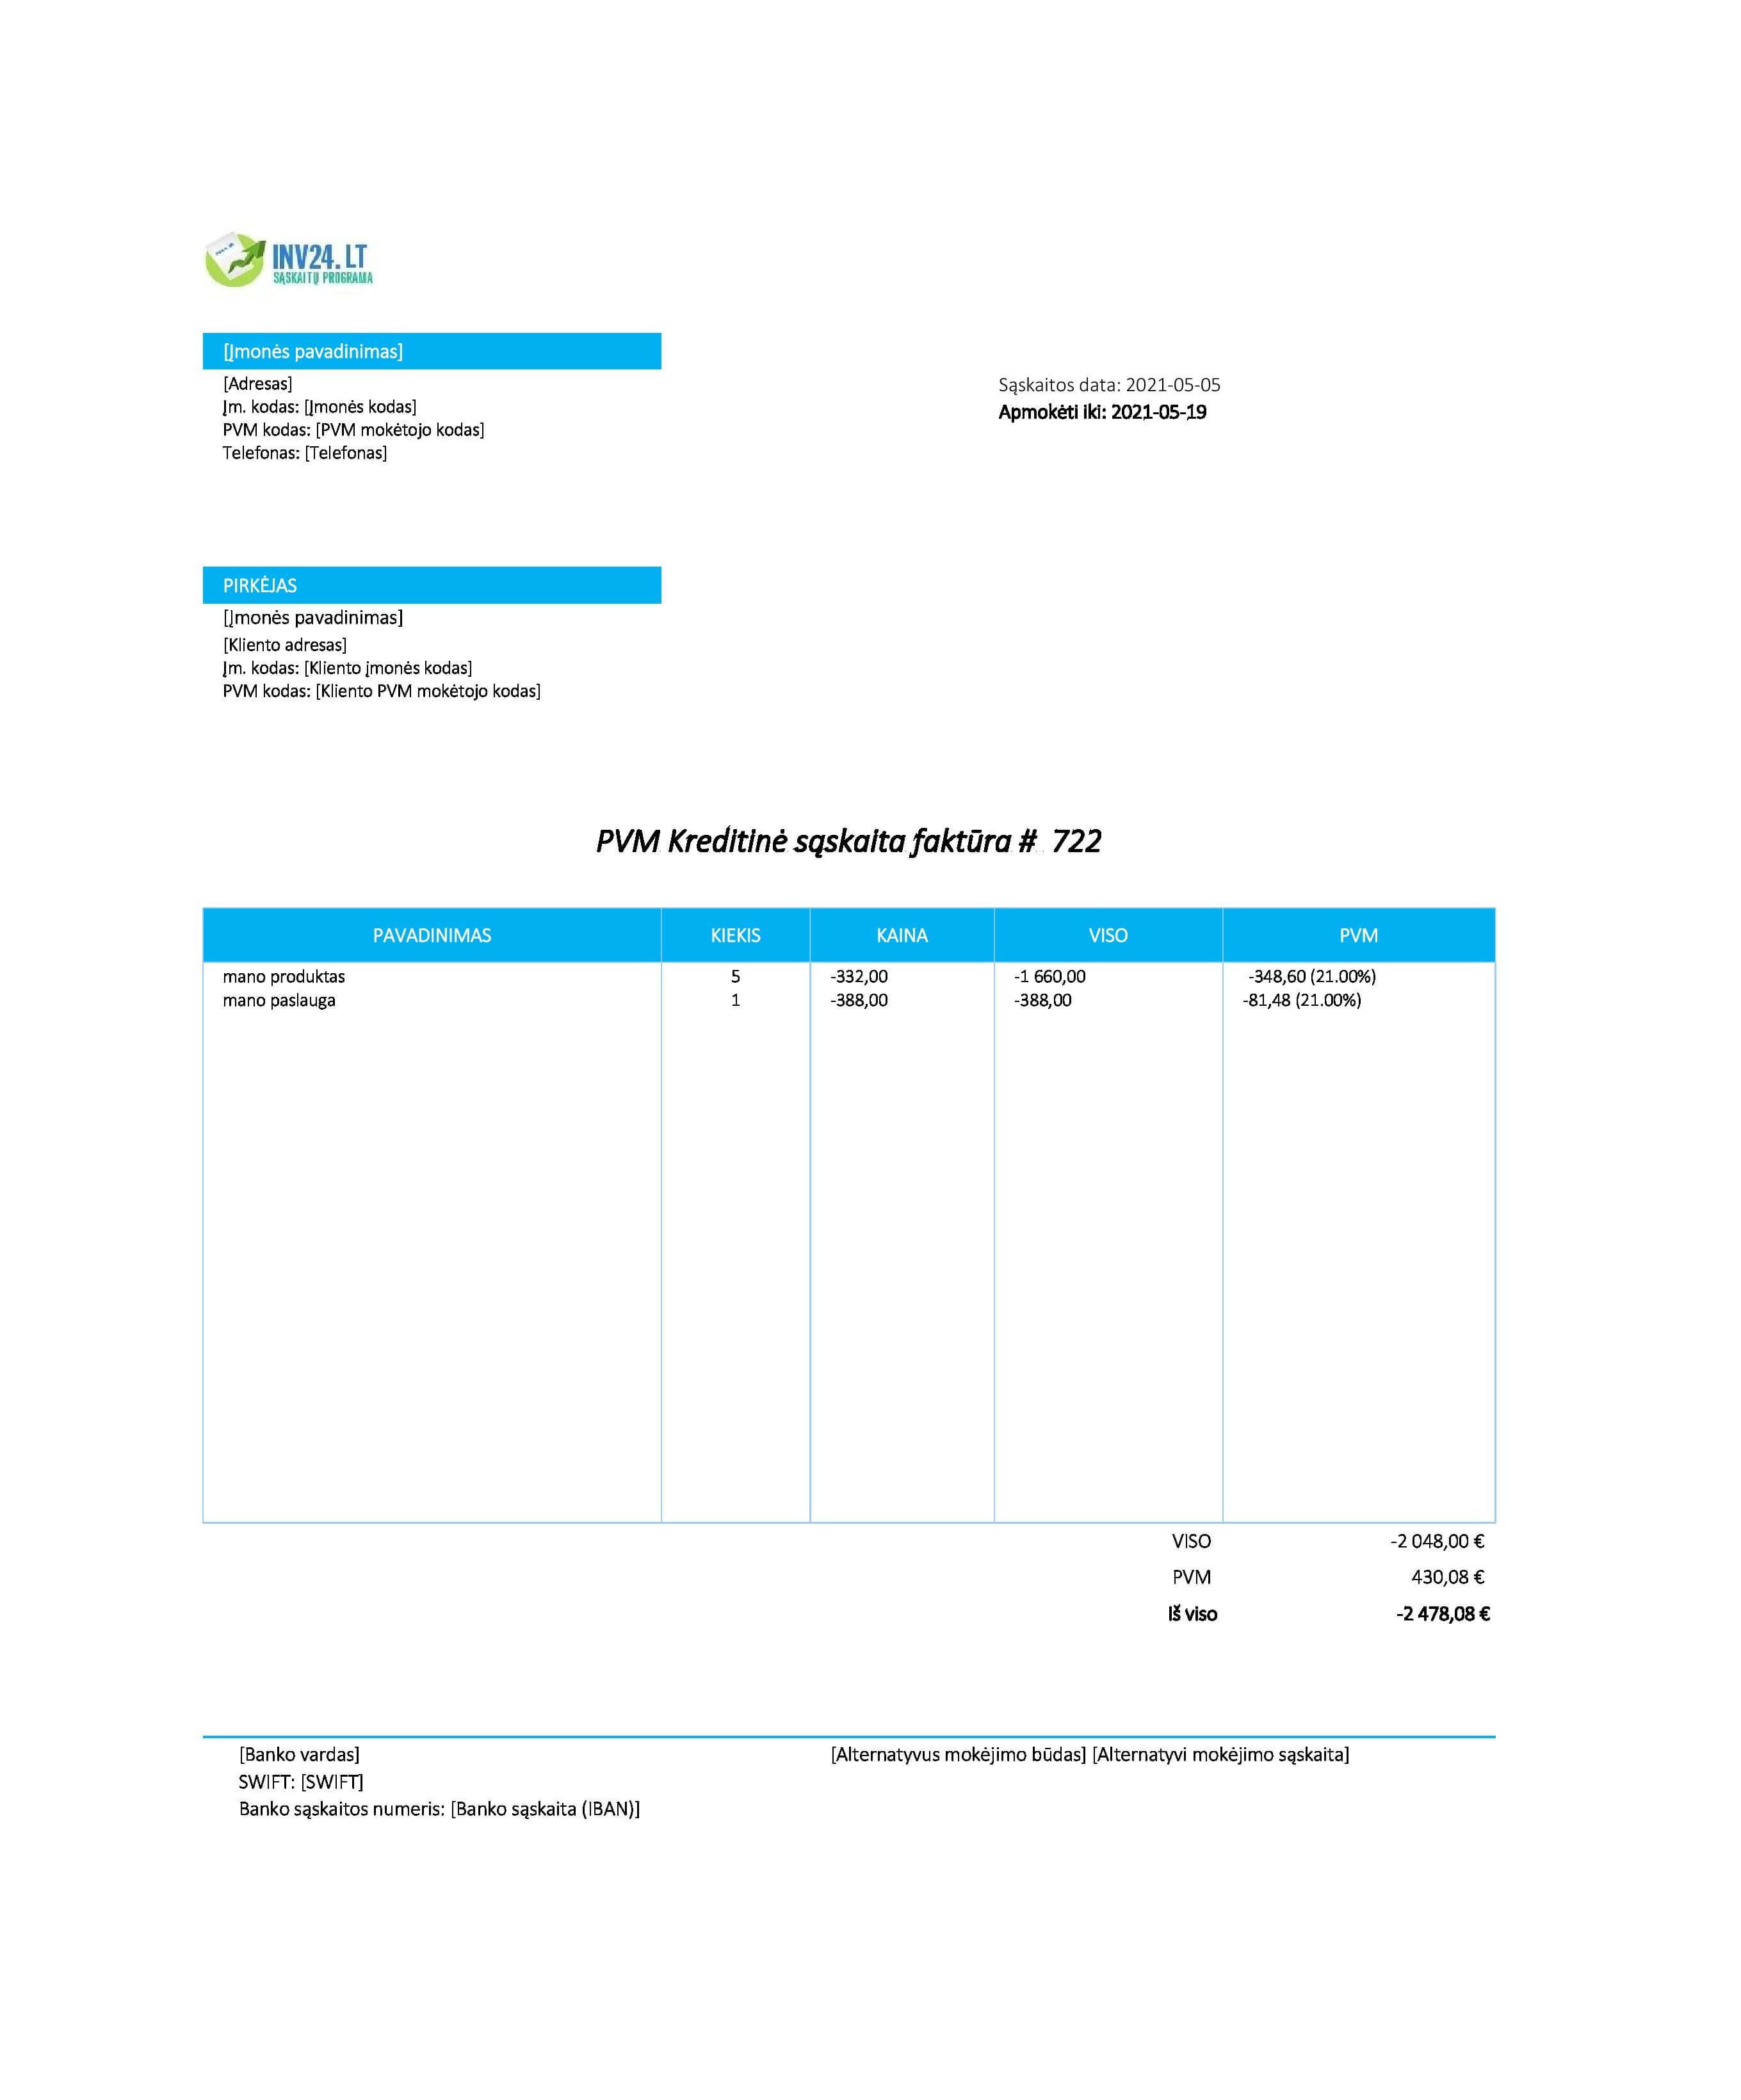 kreditinė sąskaita faktūra pavyzdys